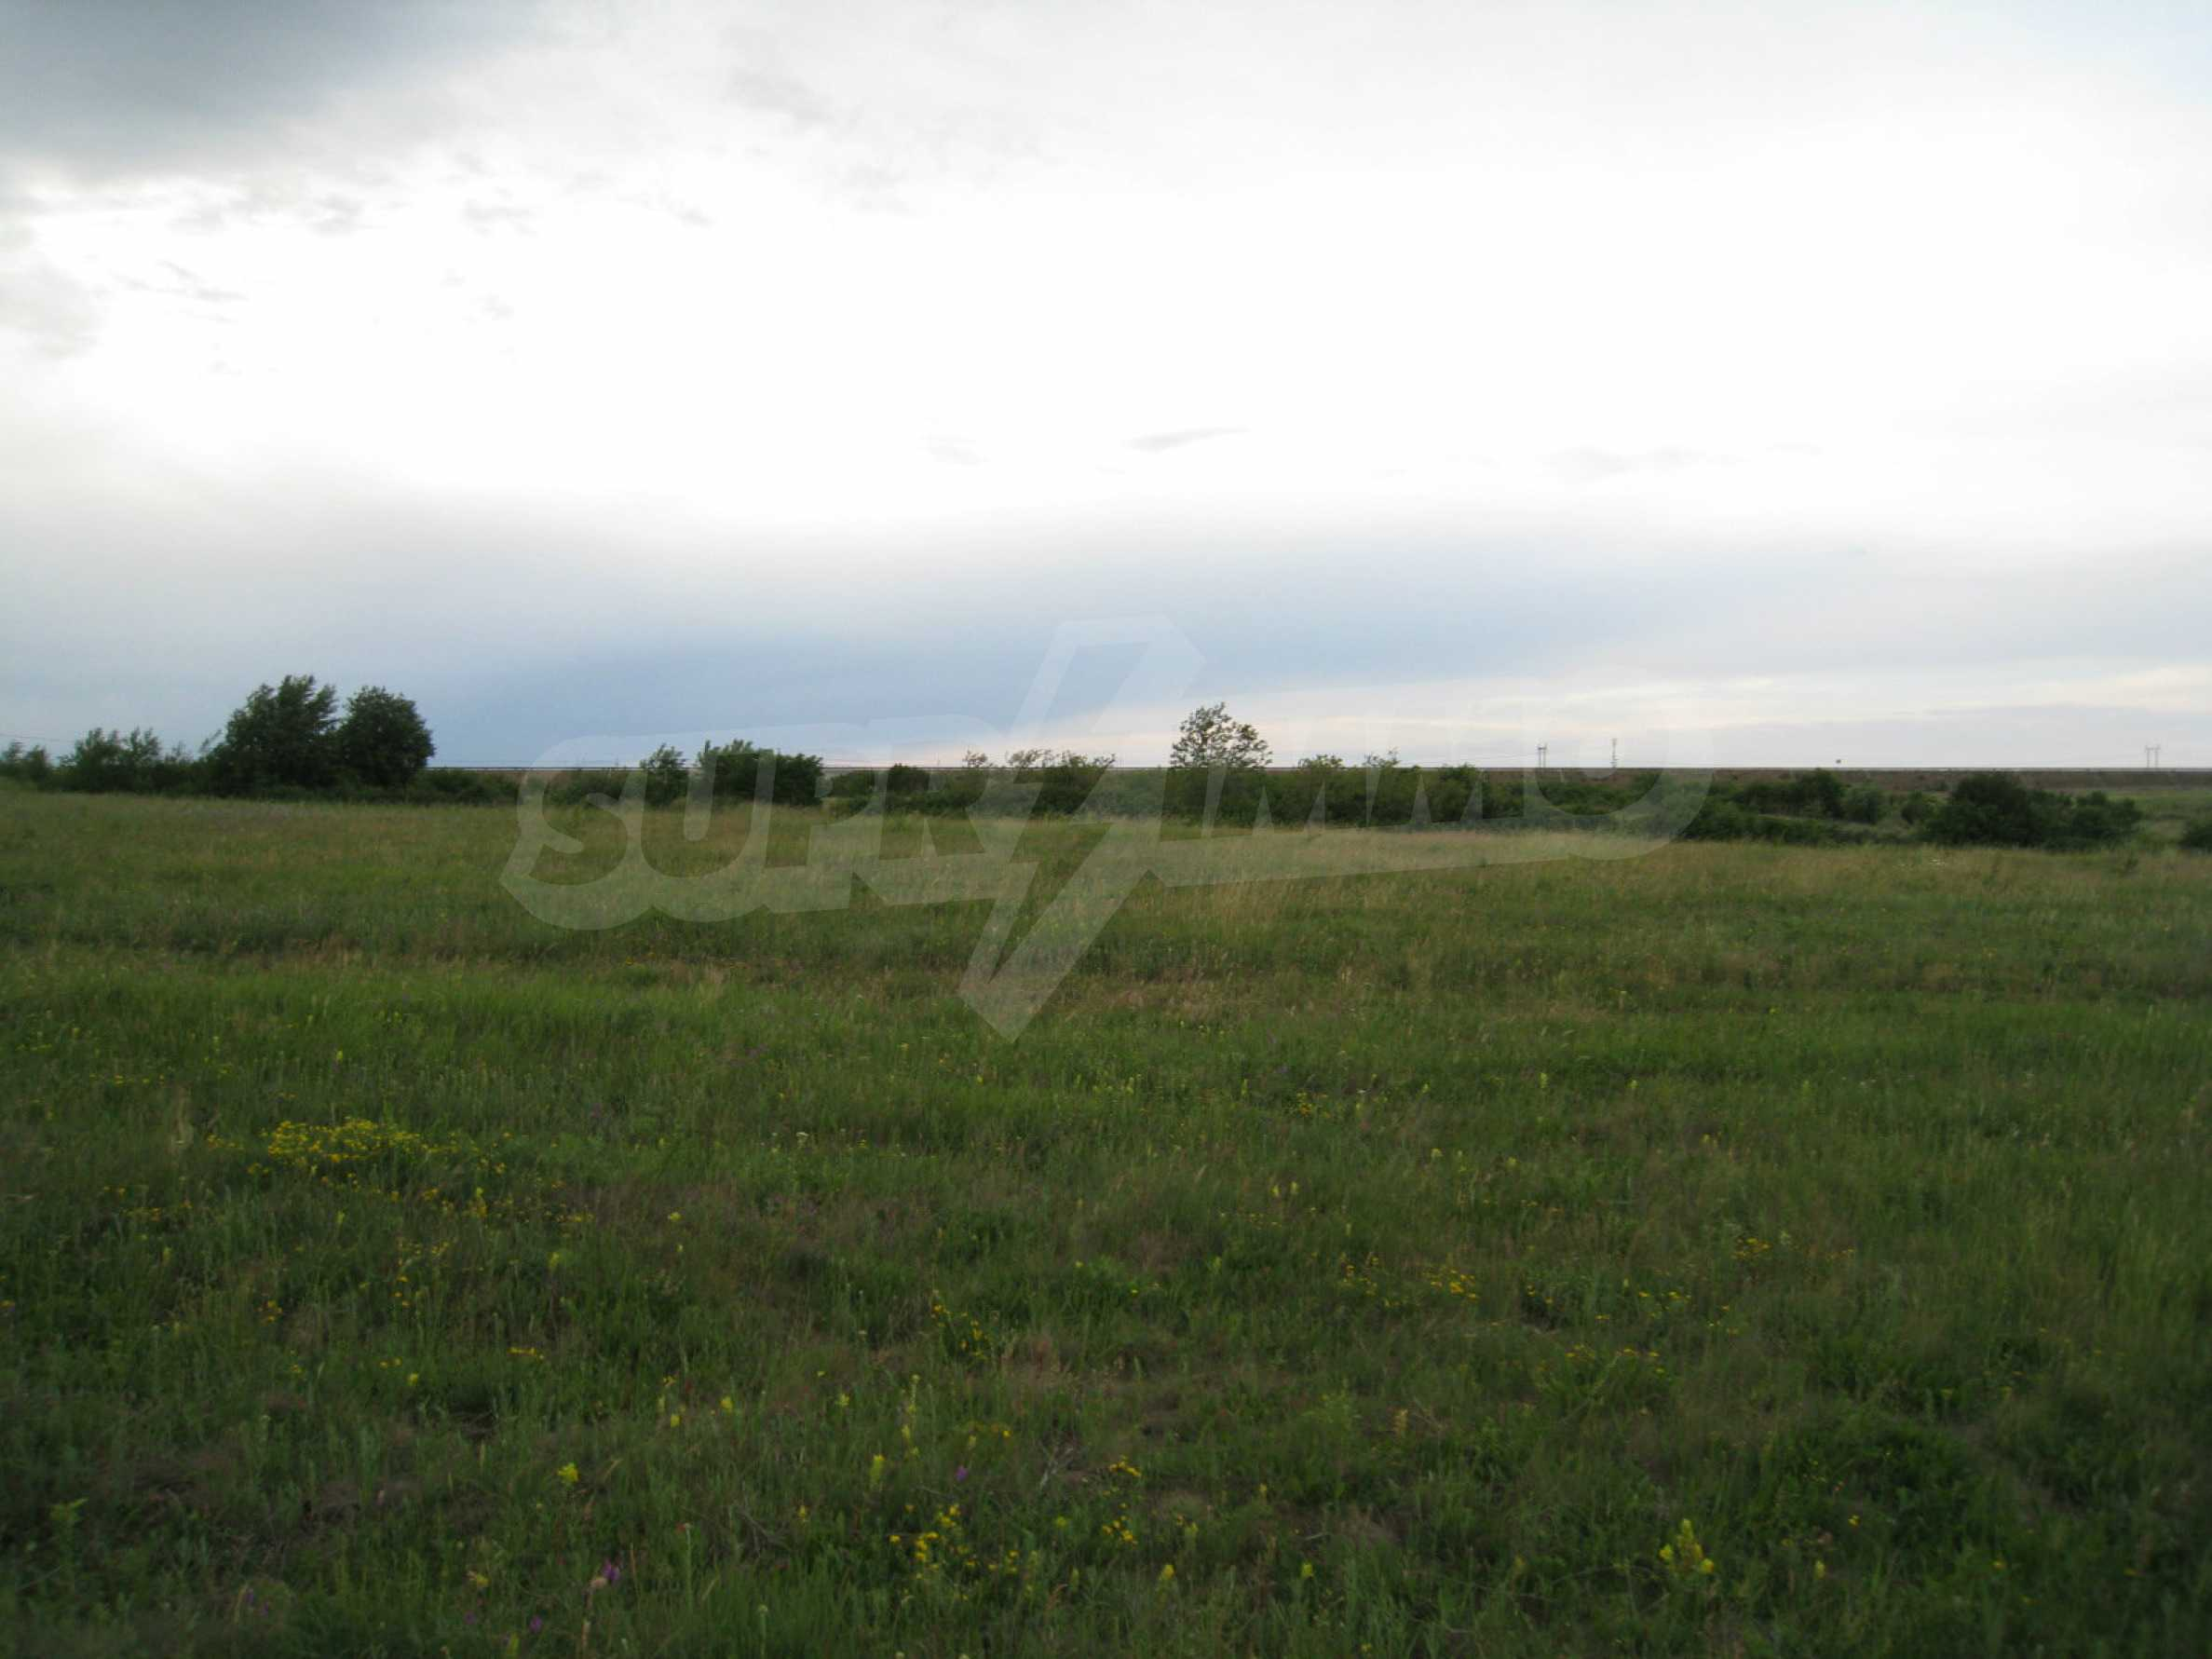 Ackerland in der Nähe eines Sees in Suhodol